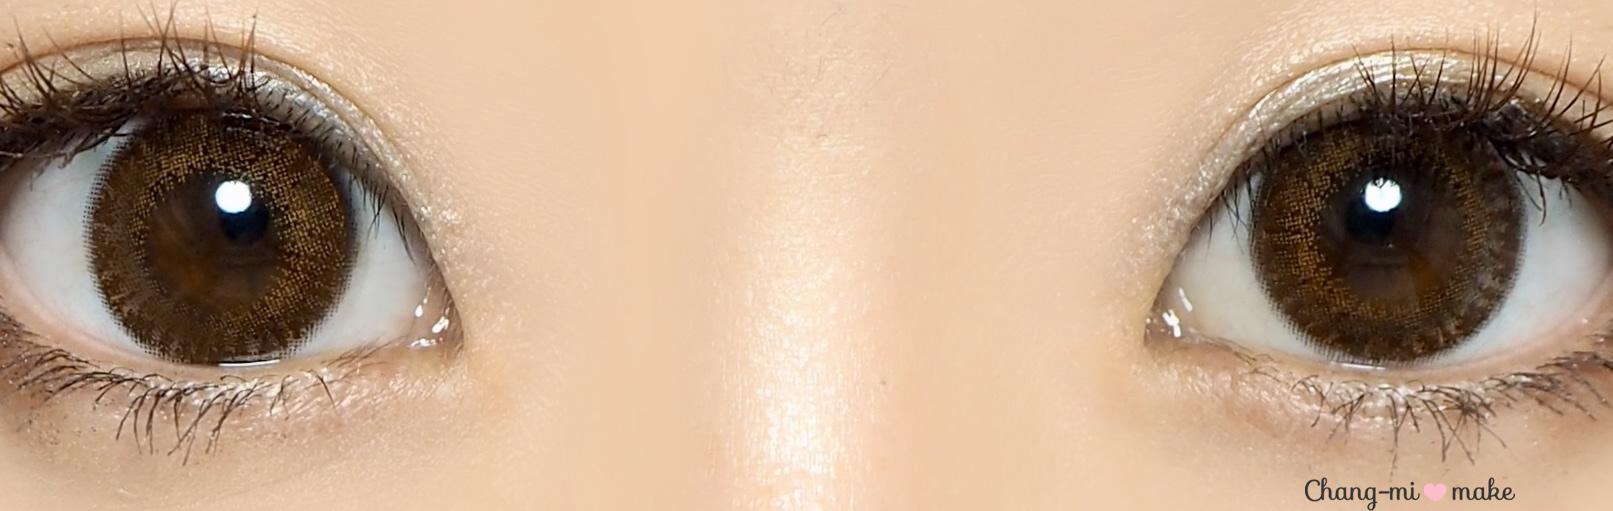 チョコタルト13